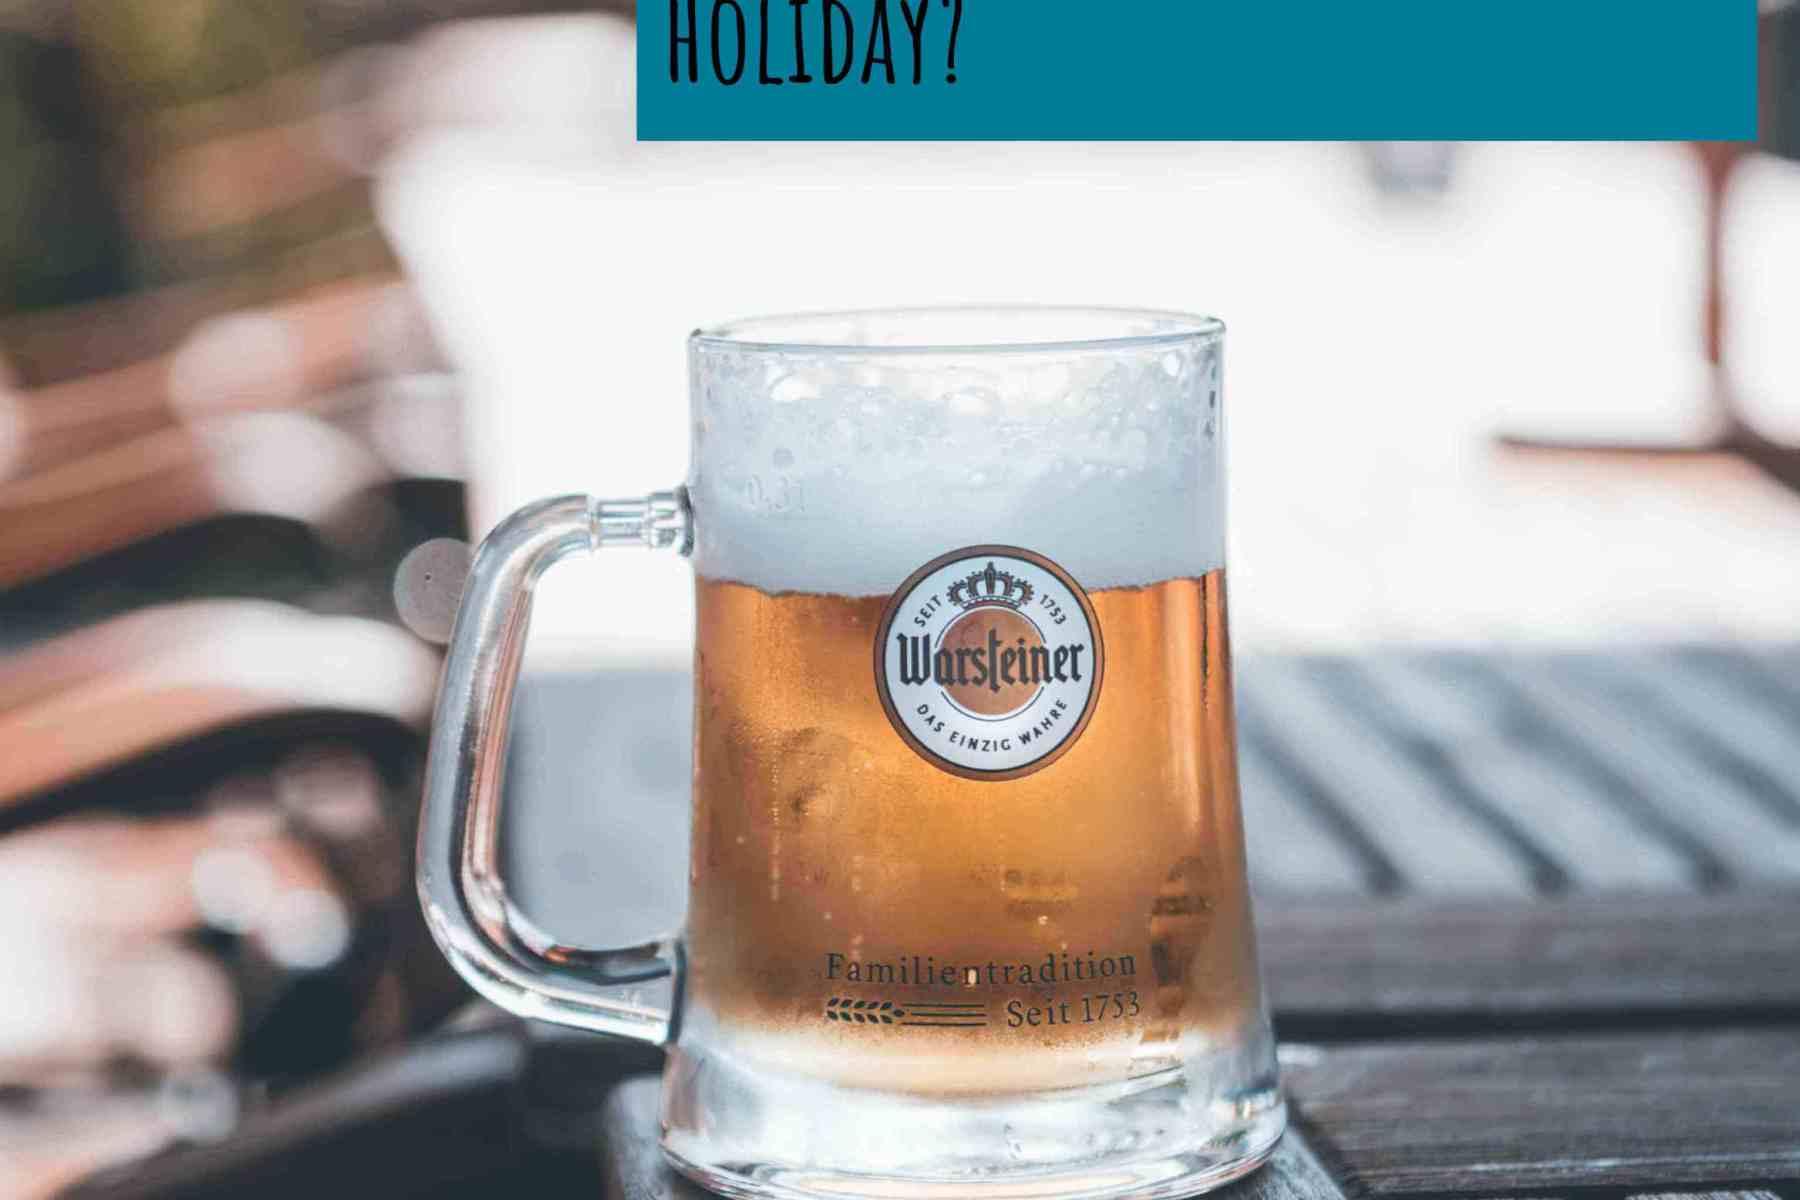 beer; bier; German beer; Warsteiner; drink; Germany; German; European; Europe; travel;